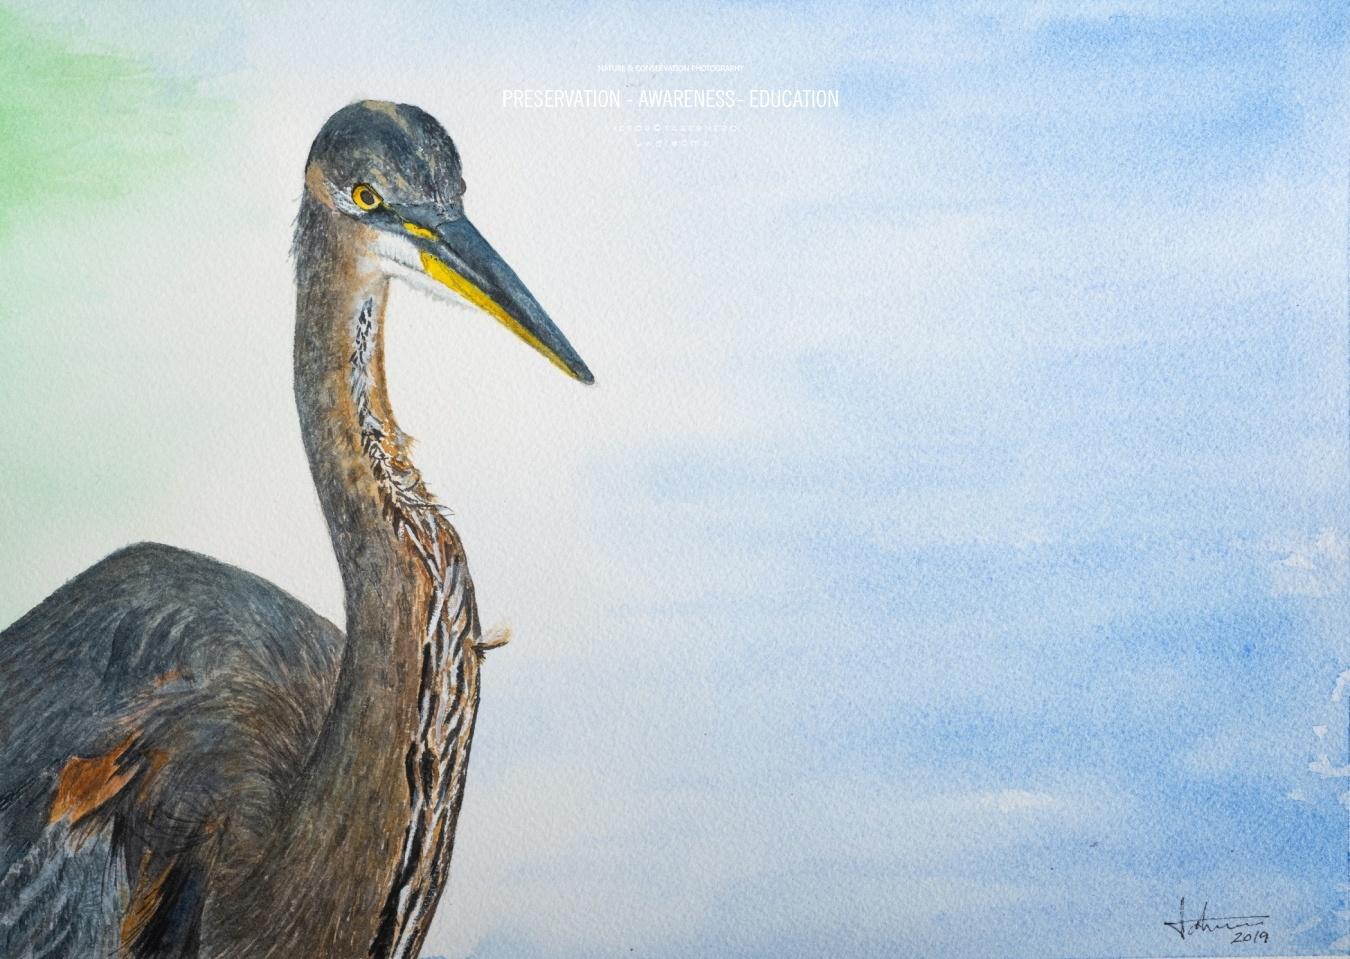 Heron - 41x31cm - Vida Salvaje - Wildlife Conservation Photography, UWDREAMS.COM